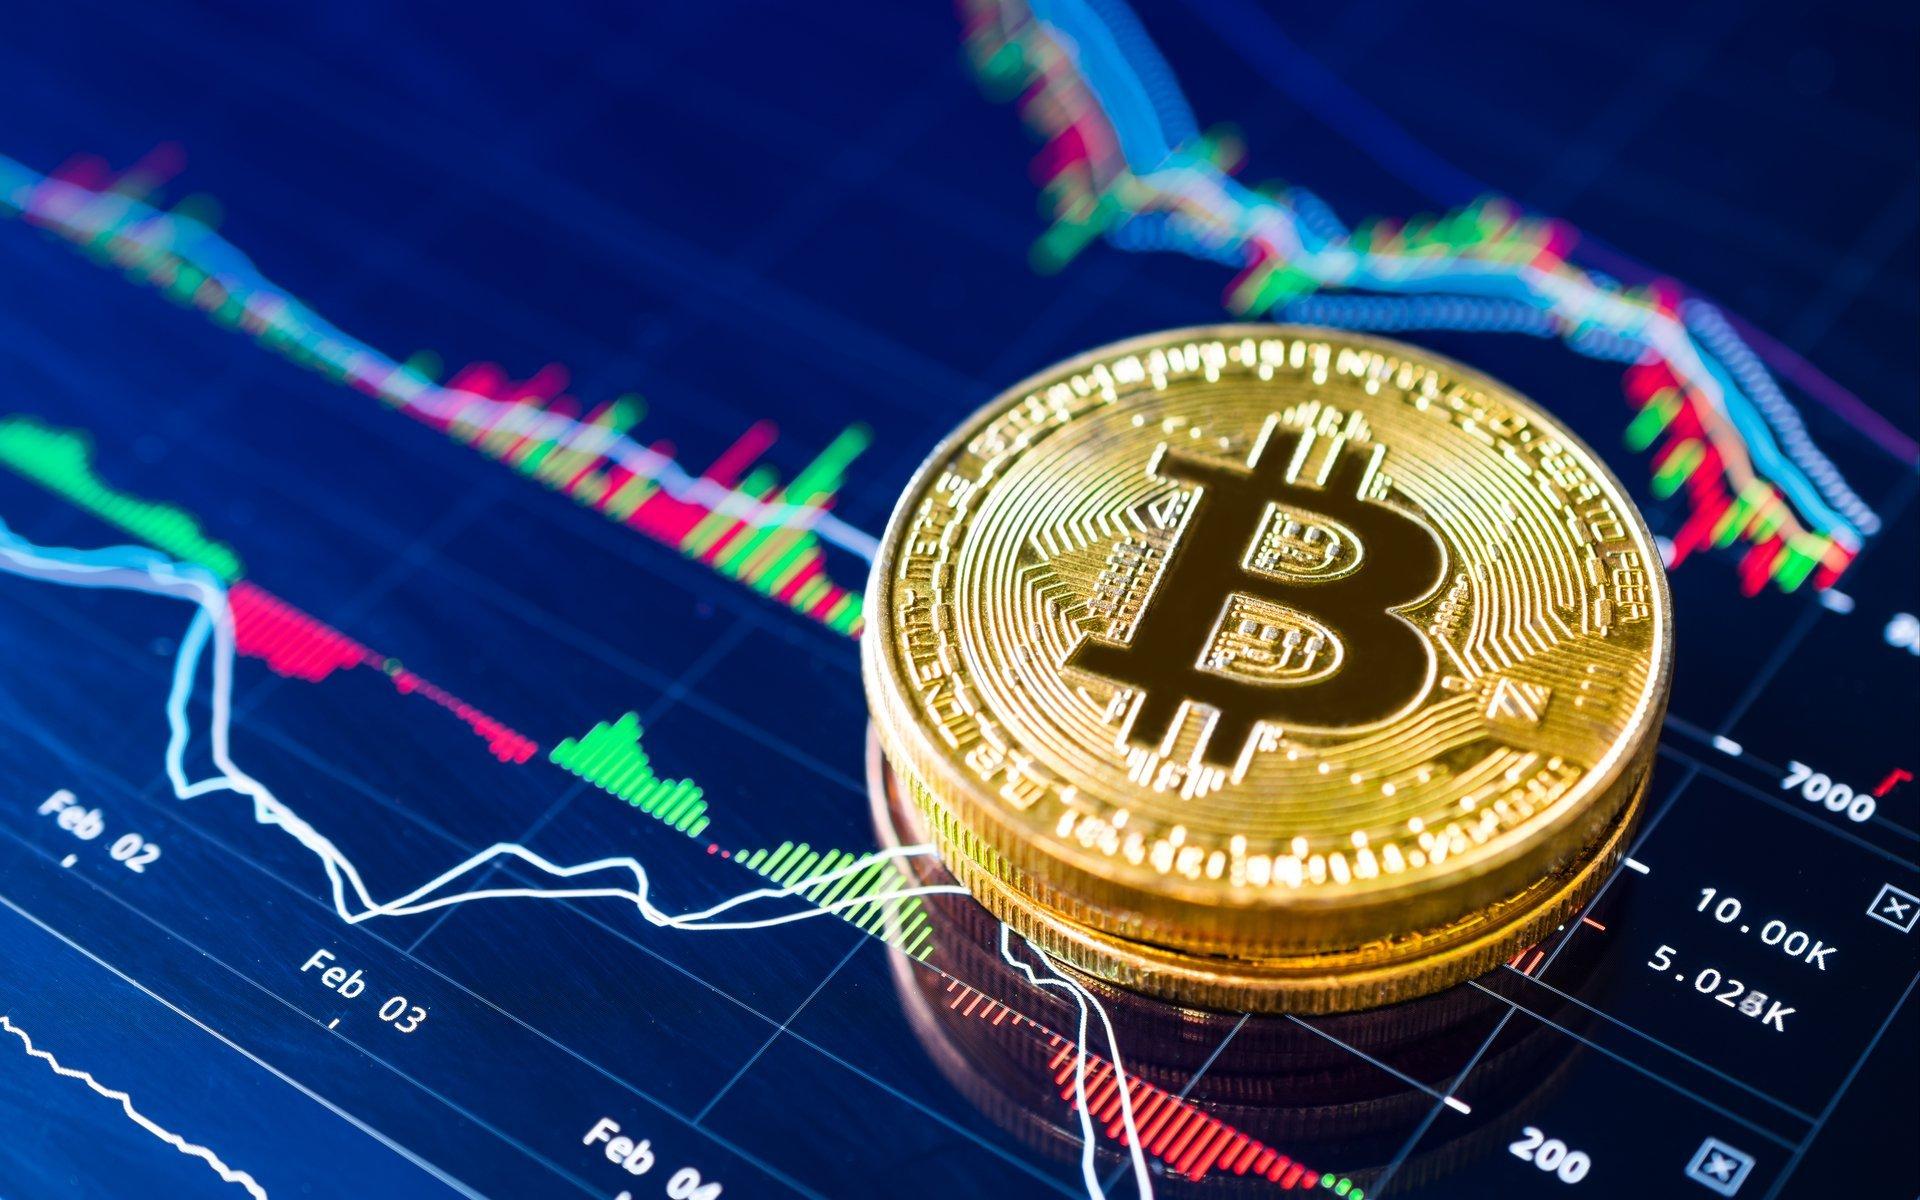 în cazul în care într- adevăr puteți face bani pe Bitcoins cum se prezice un grafic cu opțiuni